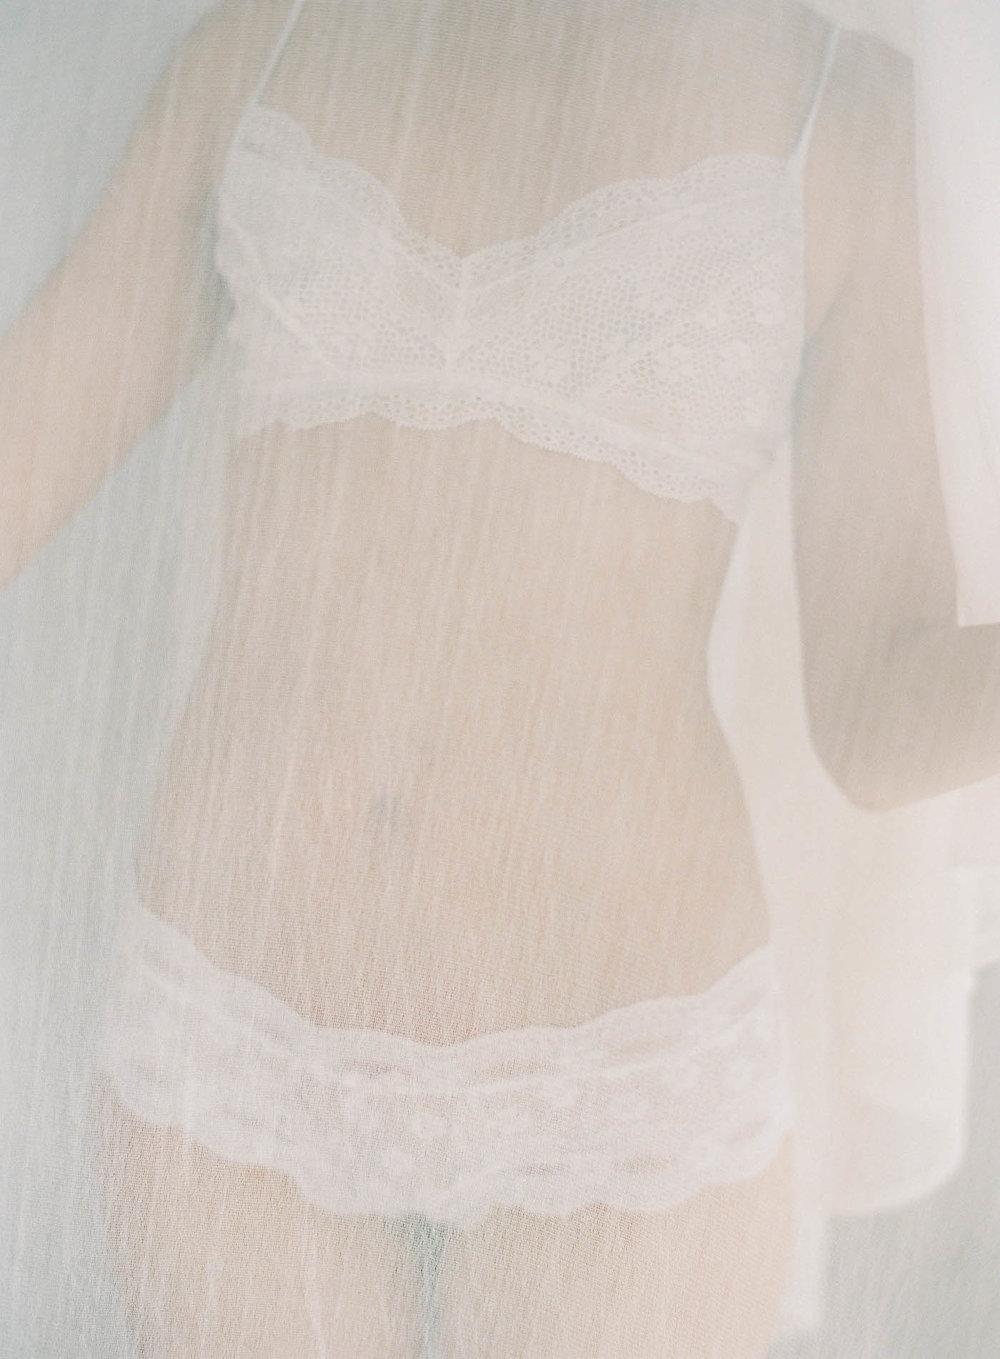 Veronique-5-Jen_Huang-Veronique-64-Jen_Huang-009706-R1-016.jpg